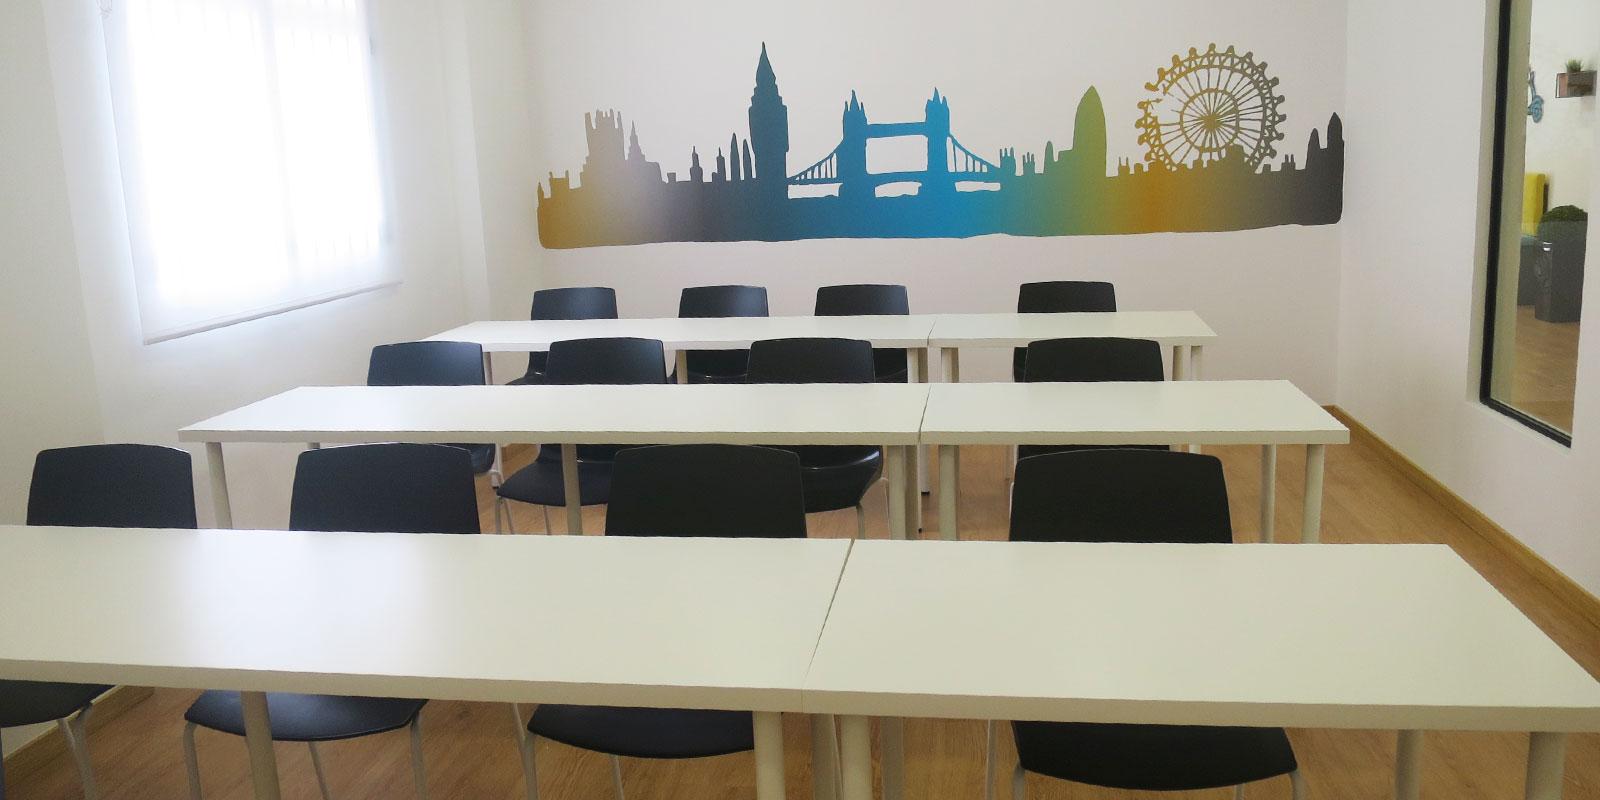 Reforma-y-Amueblamiento-centro-de-estudios-Enjoy-English-Academy-Slider-bajo 1